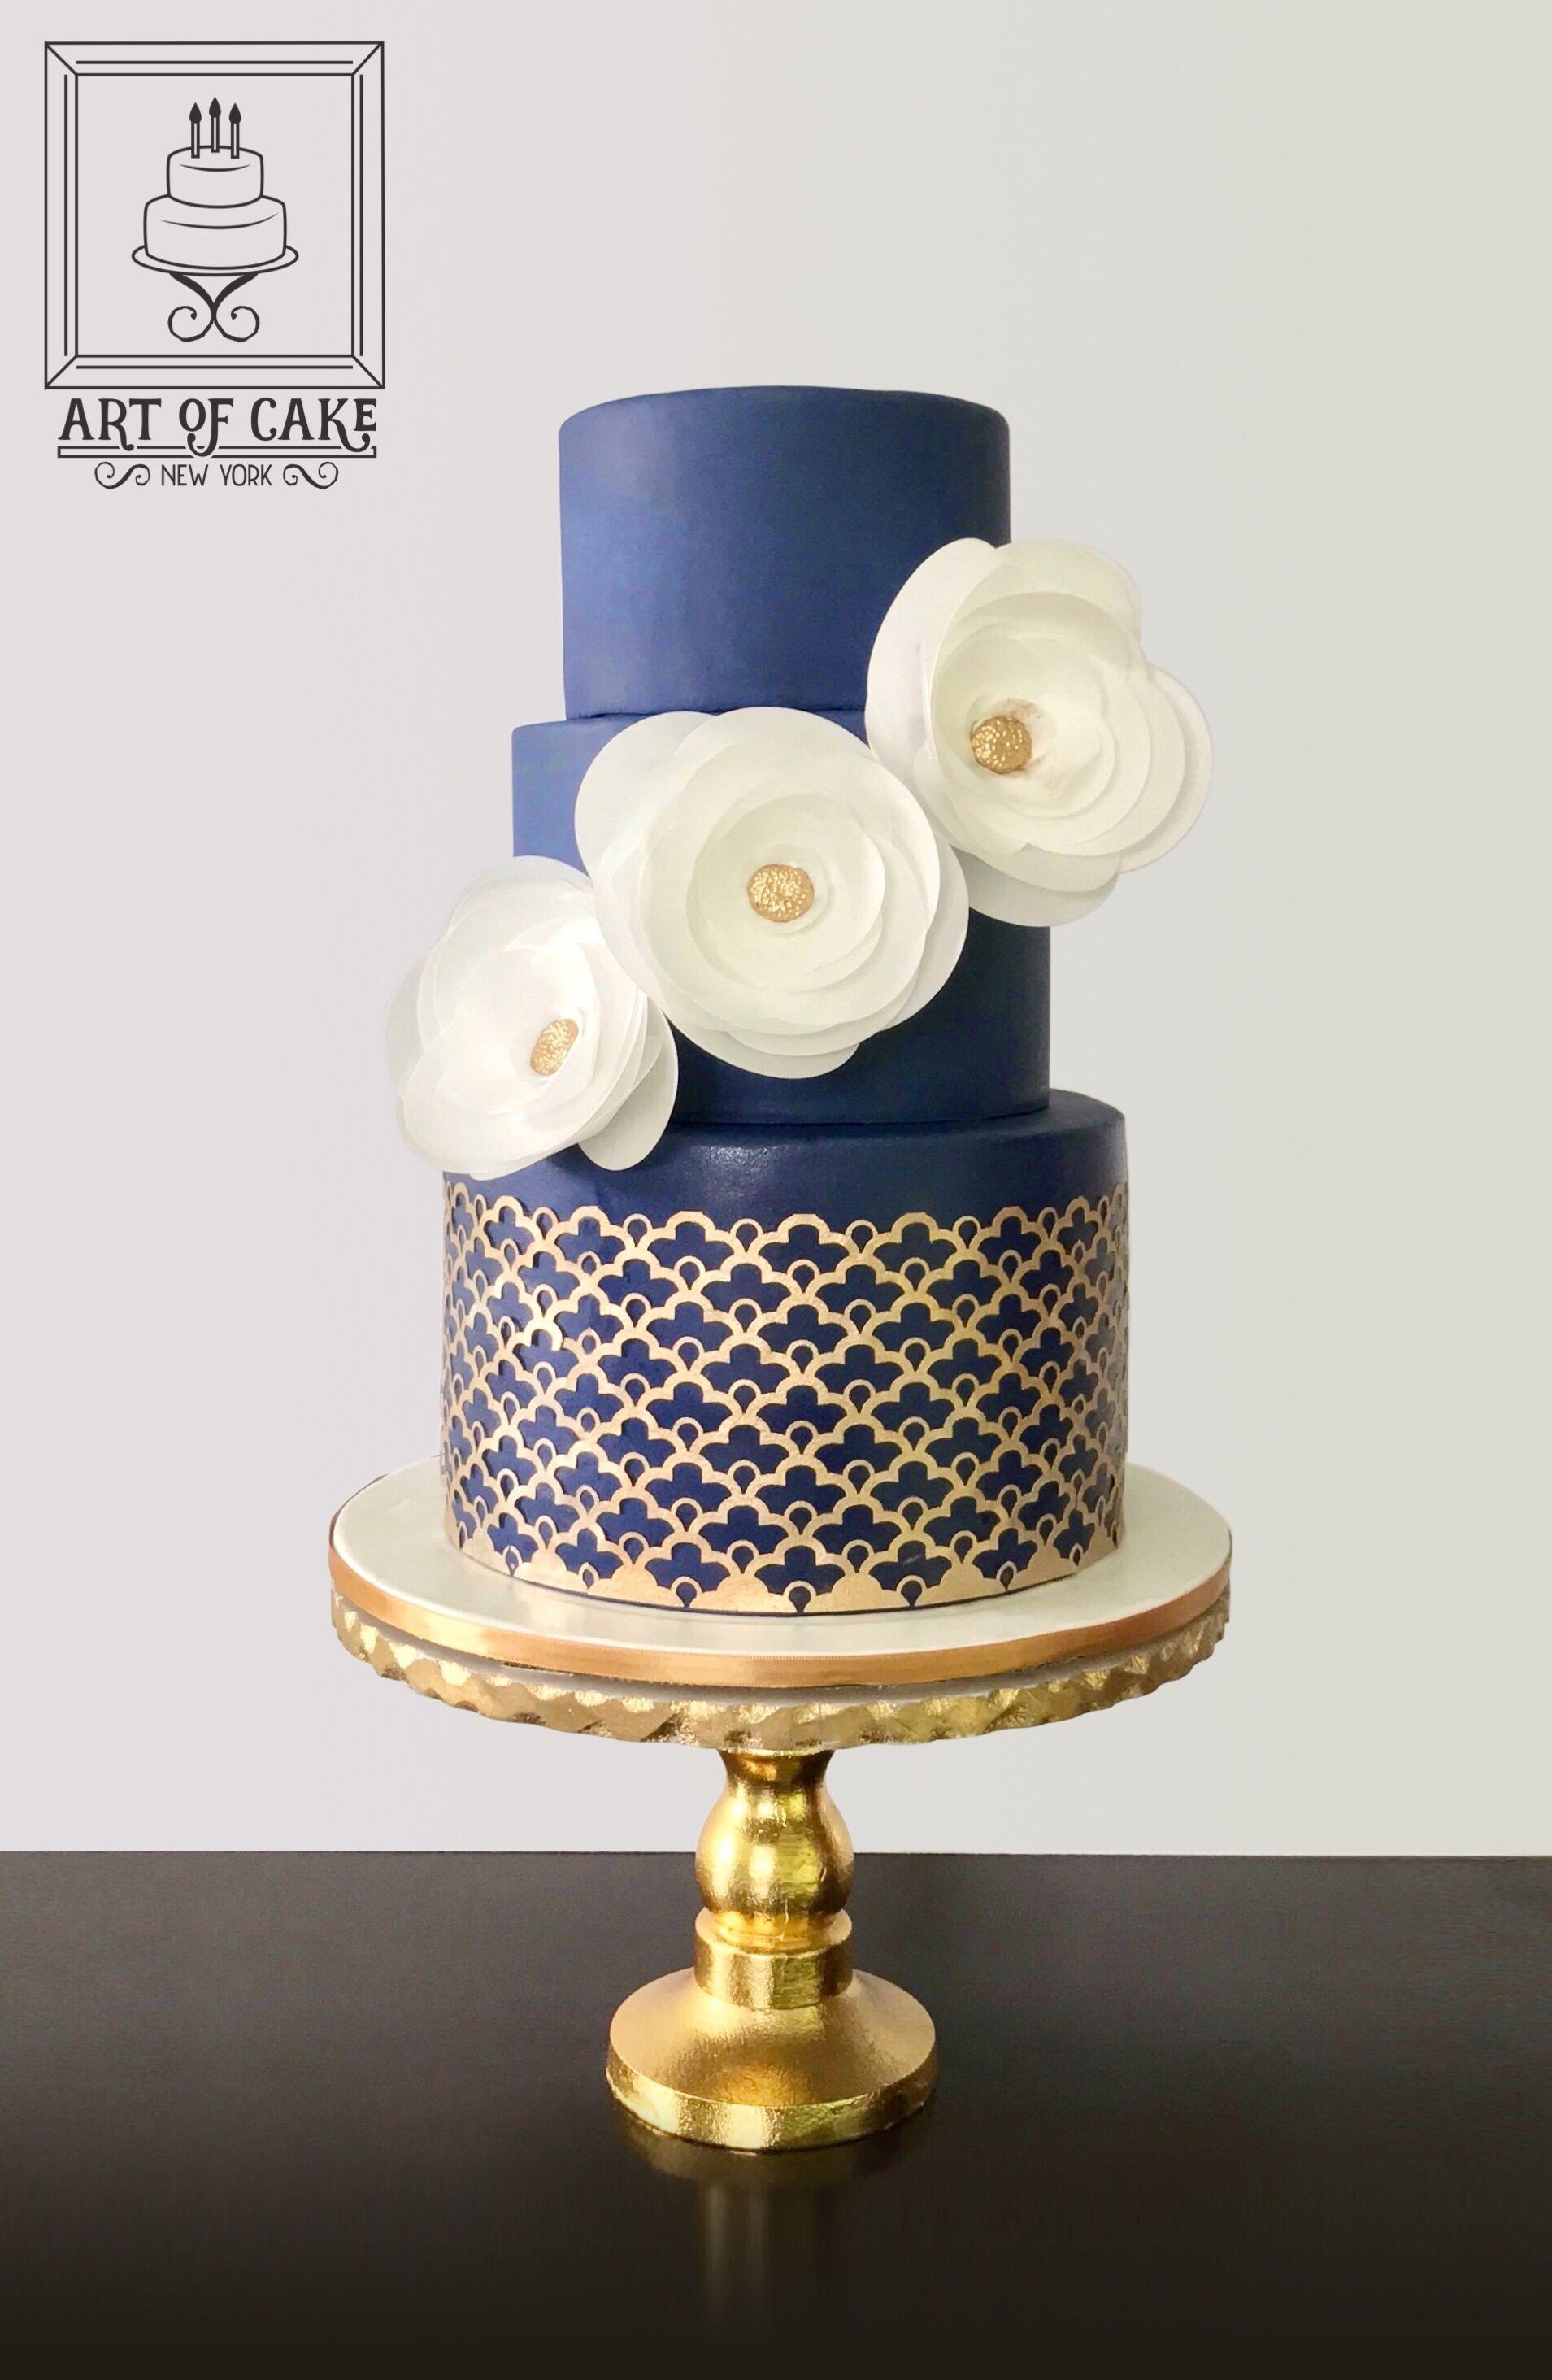 Cake Elegant Wedding Or Birthday Navy With Gold